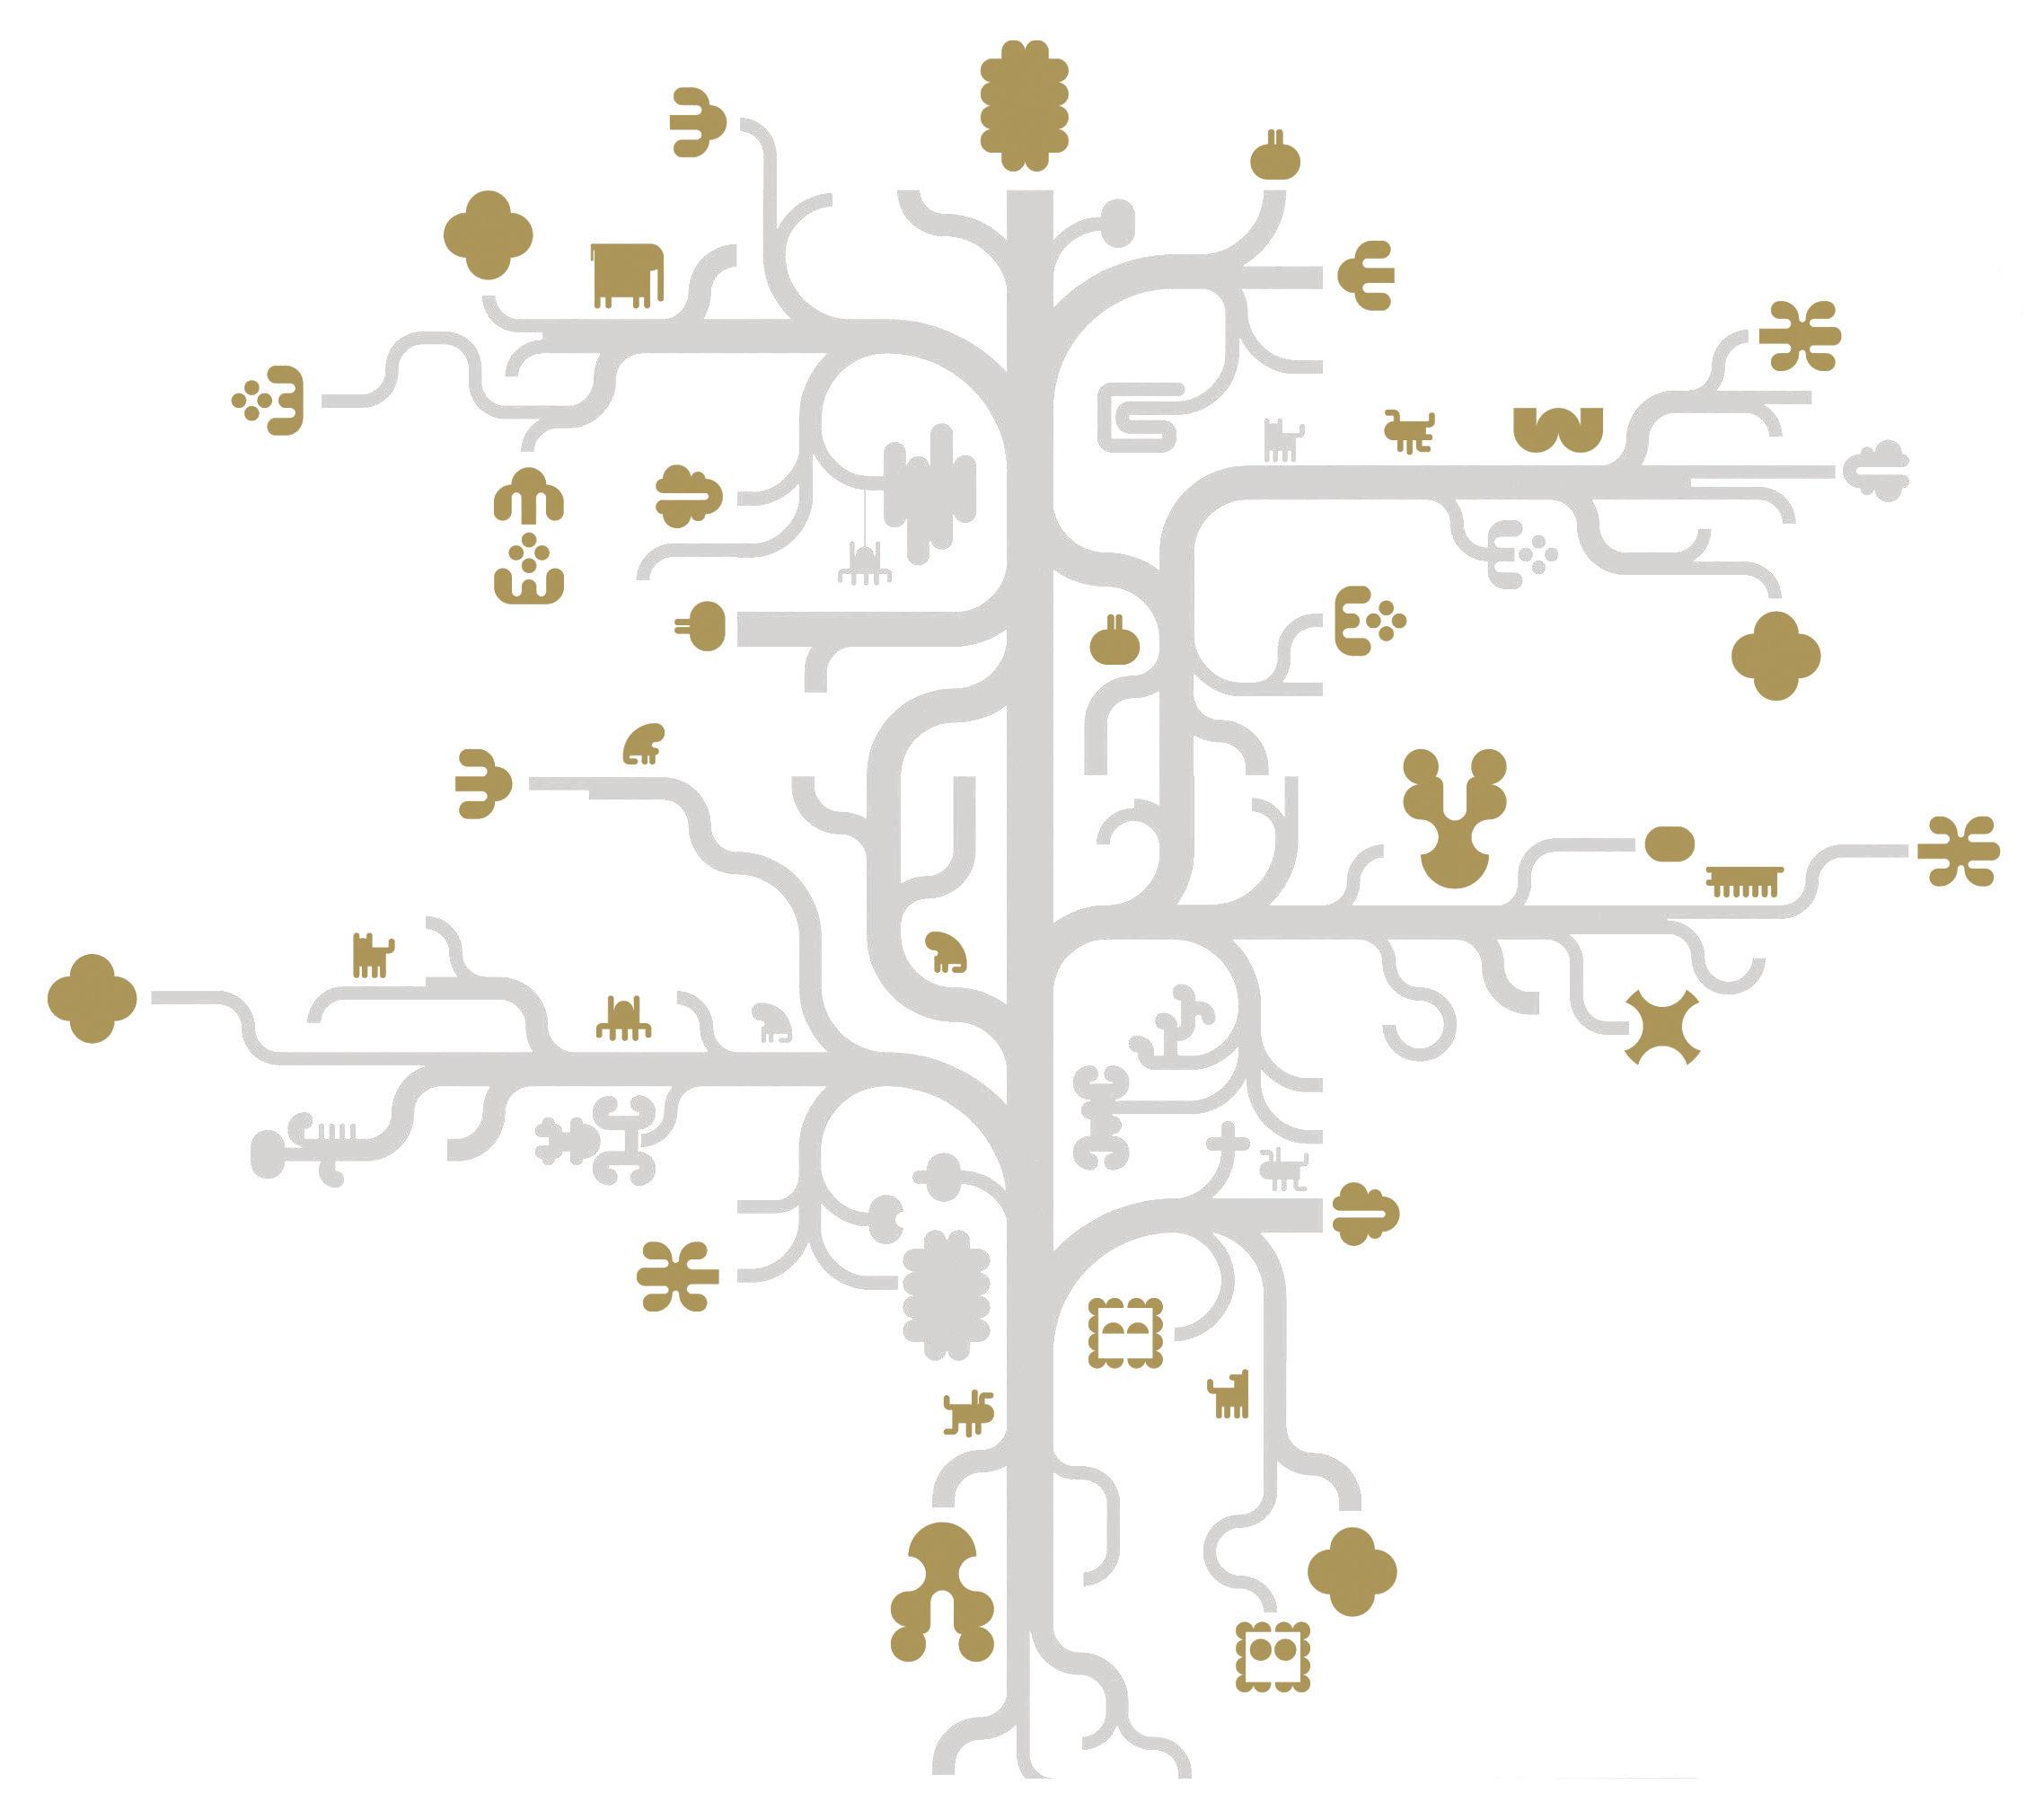 Dekoration - Stickers und Tapeten - Tree Gold Sticker - Domestic - Grau - vergoldet - Vinyl